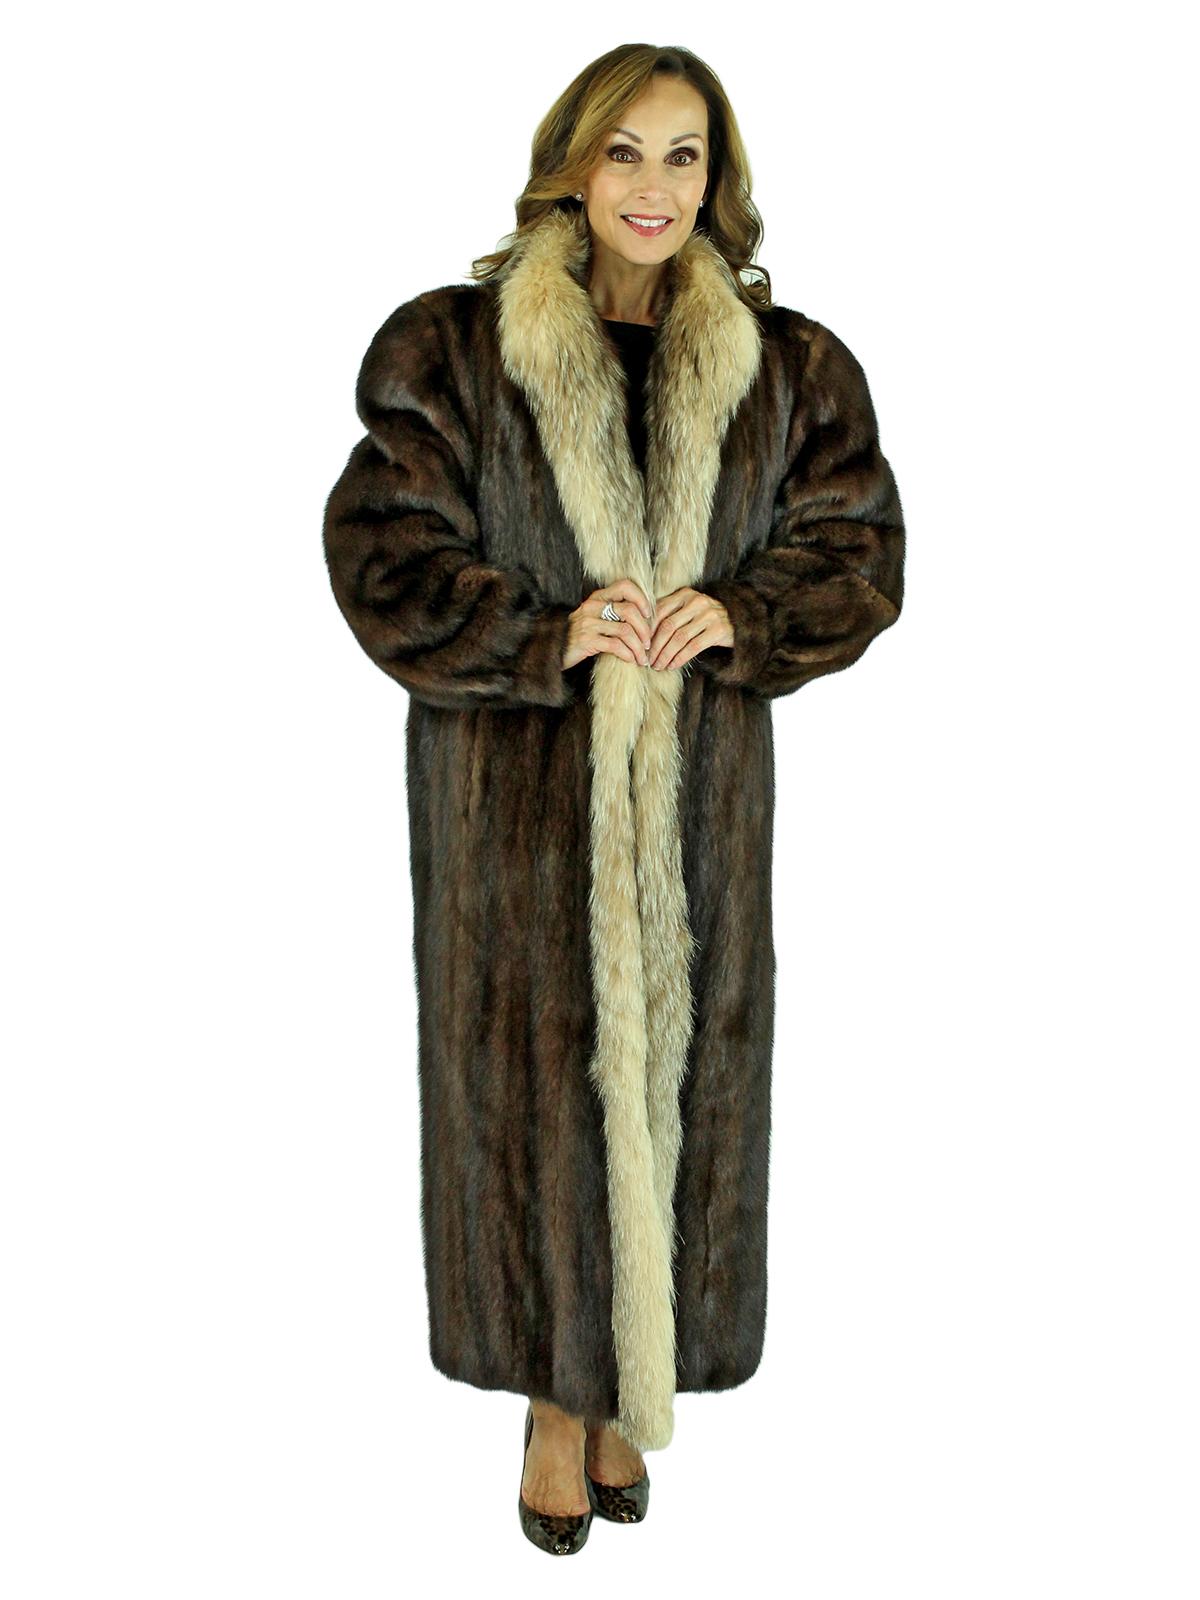 Woman's Mahogany Mink Fur Coat with Crystal Fox Tuxedo Front